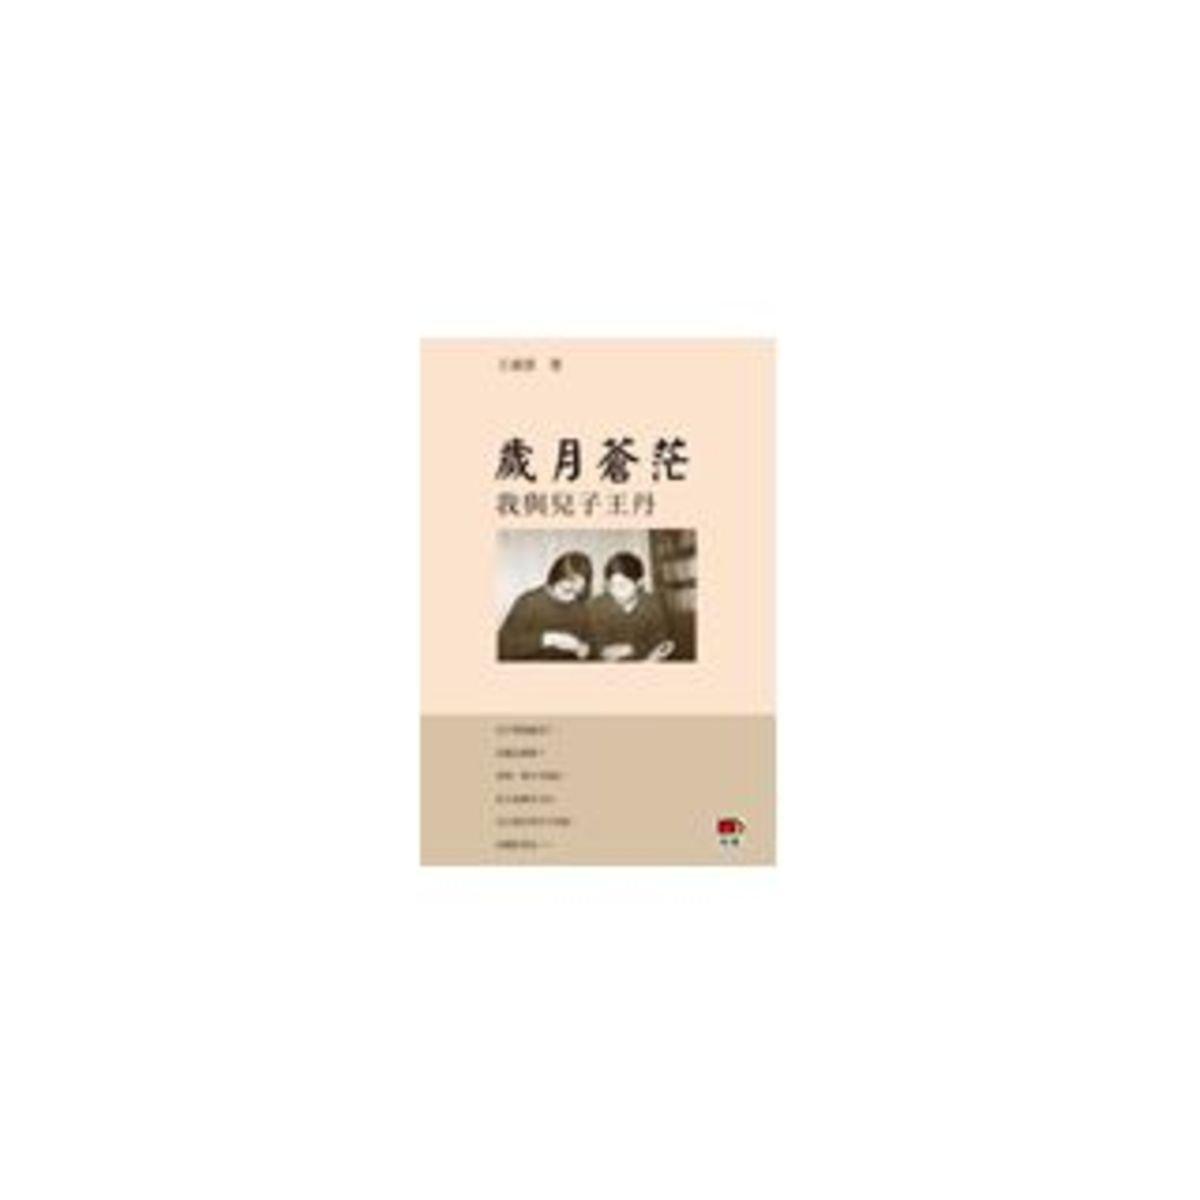 歲月蒼茫──我與兒子王丹(增訂本)